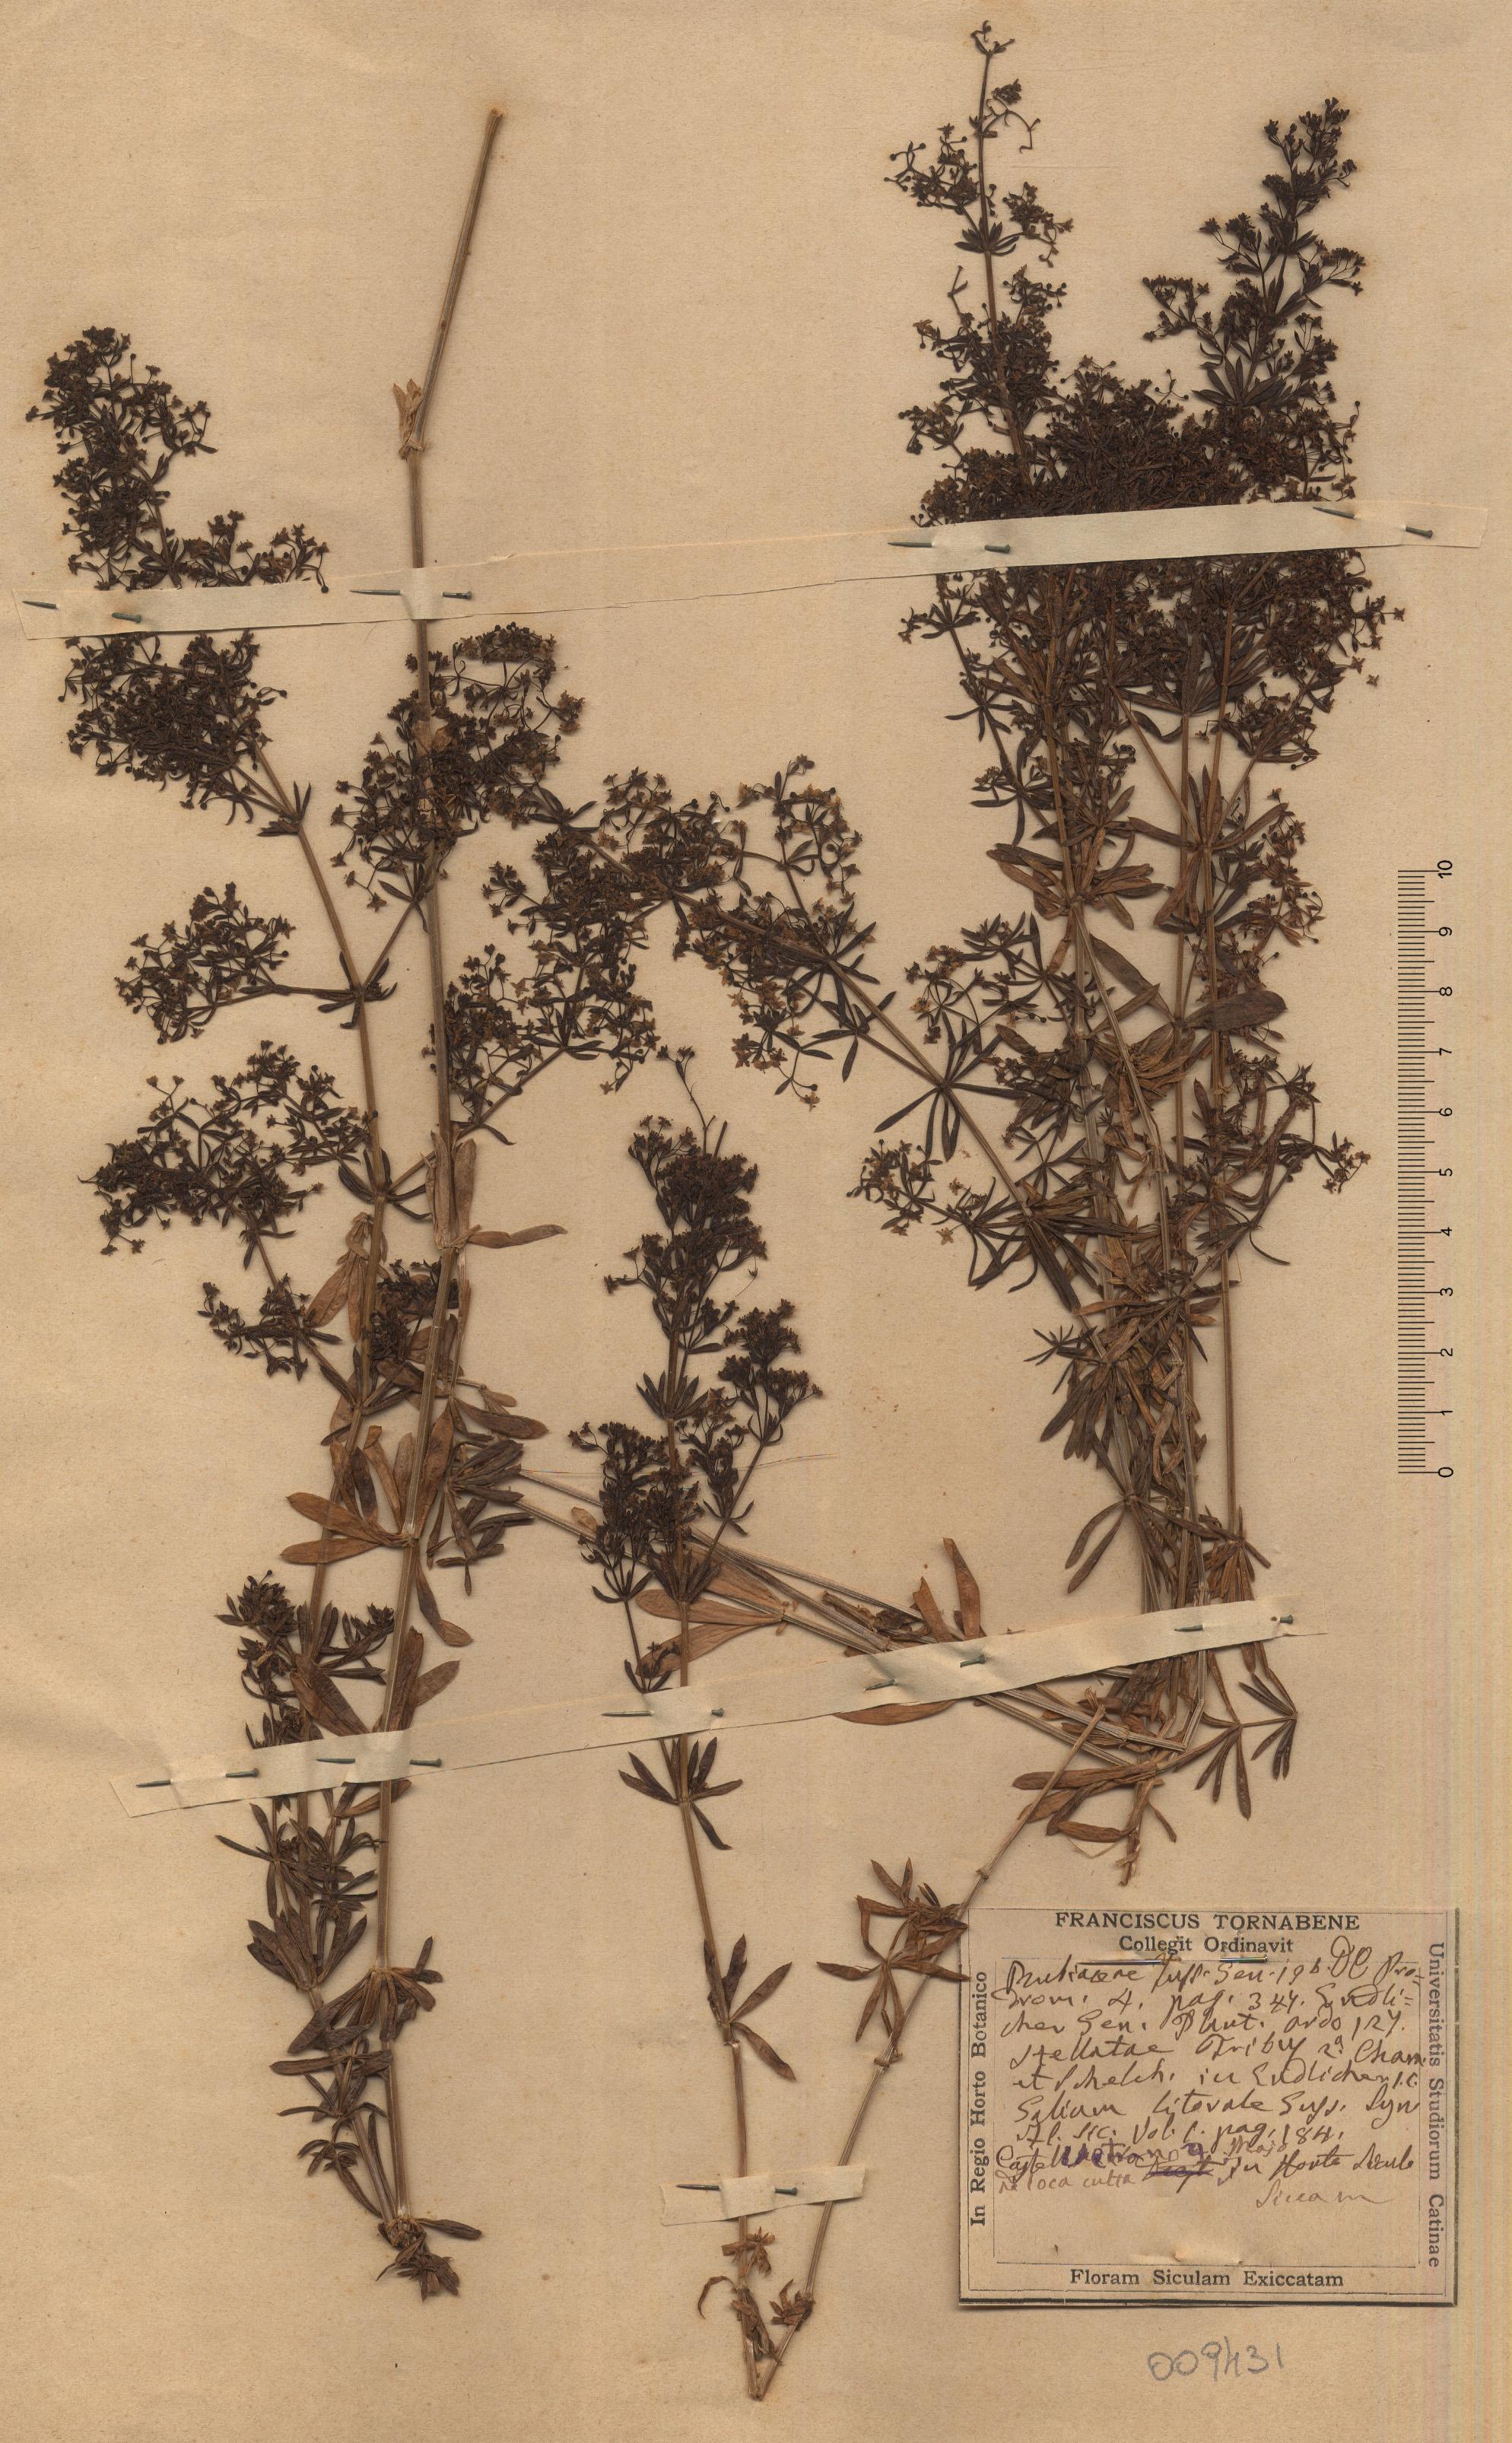 &copy; Hortus Botanicus Catinensis - Herb. sheet 049431<br>